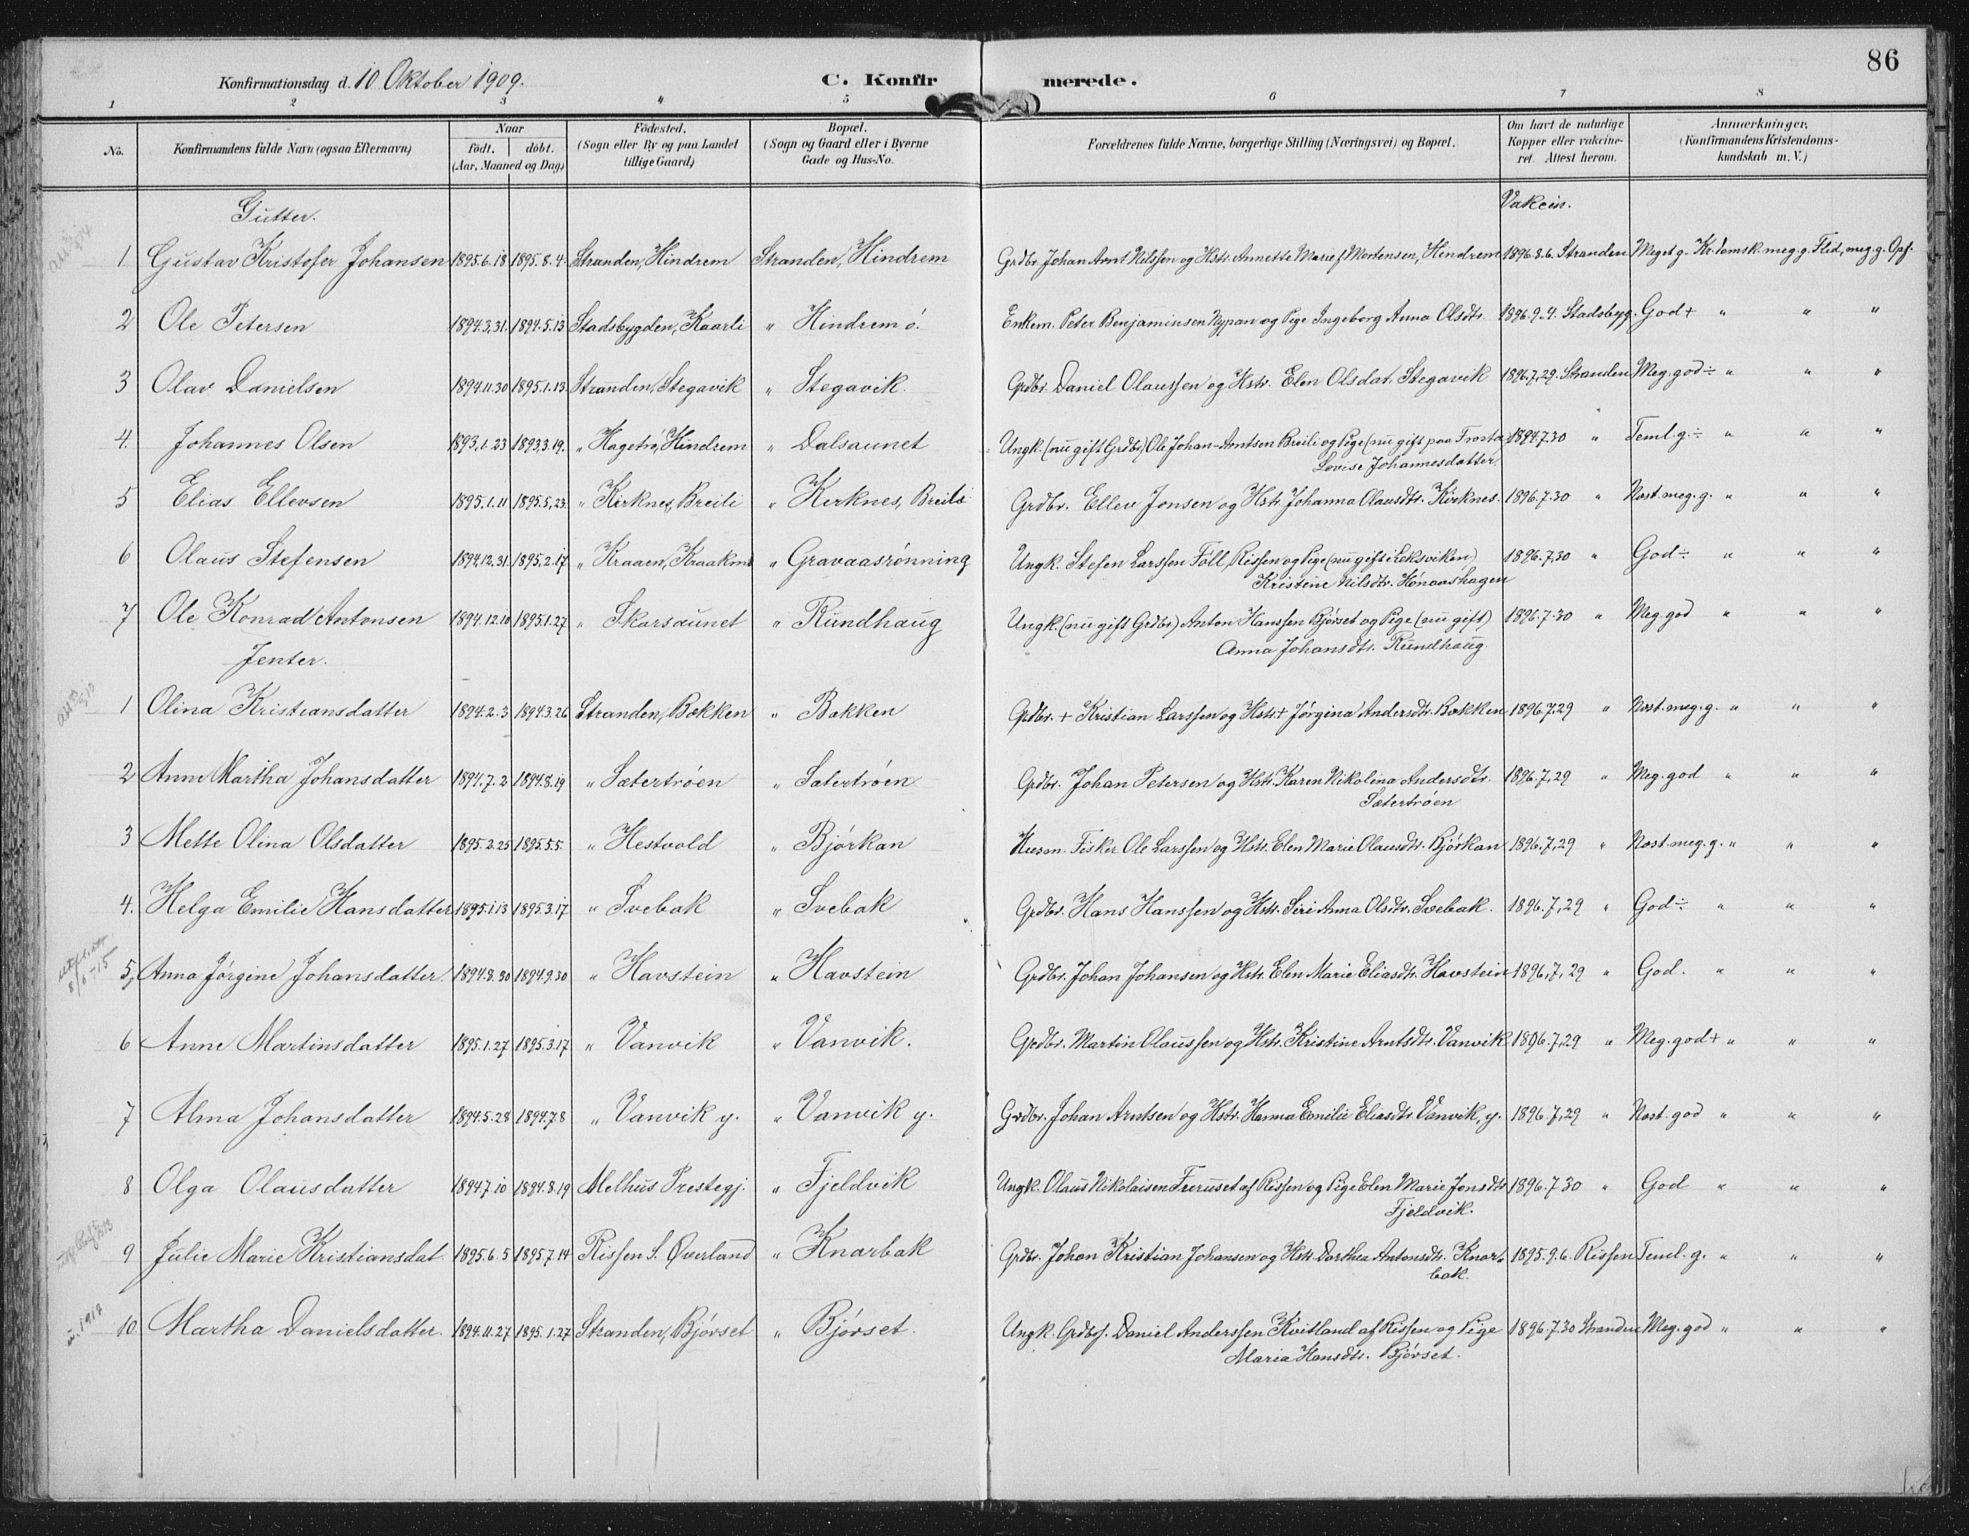 SAT, Ministerialprotokoller, klokkerbøker og fødselsregistre - Nord-Trøndelag, 702/L0024: Ministerialbok nr. 702A02, 1898-1914, s. 86